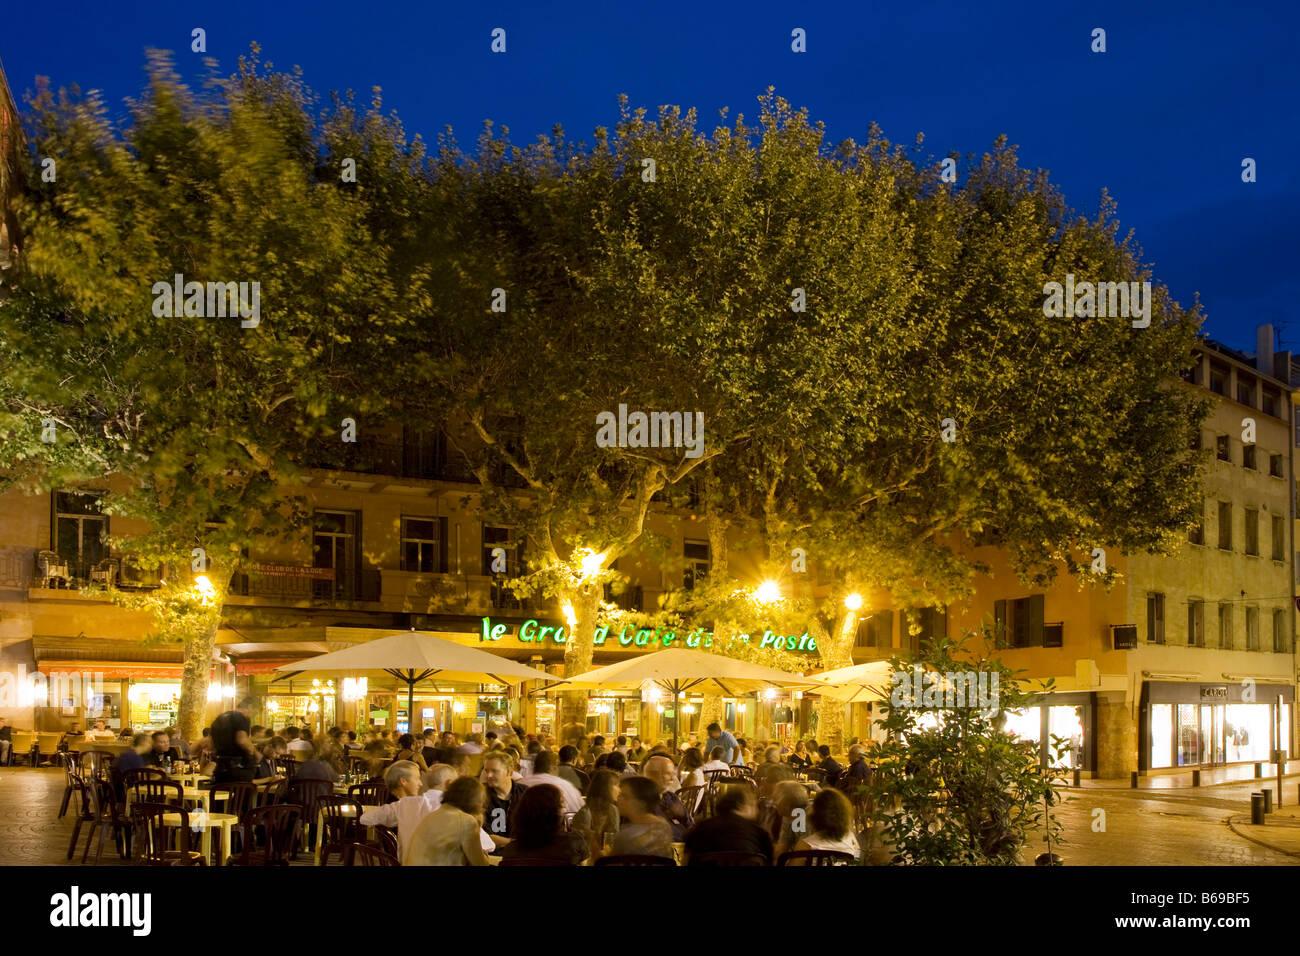 Les cafés de la rue dans le sud de la France, Perpignan Centre Ville Europe Photo Stock